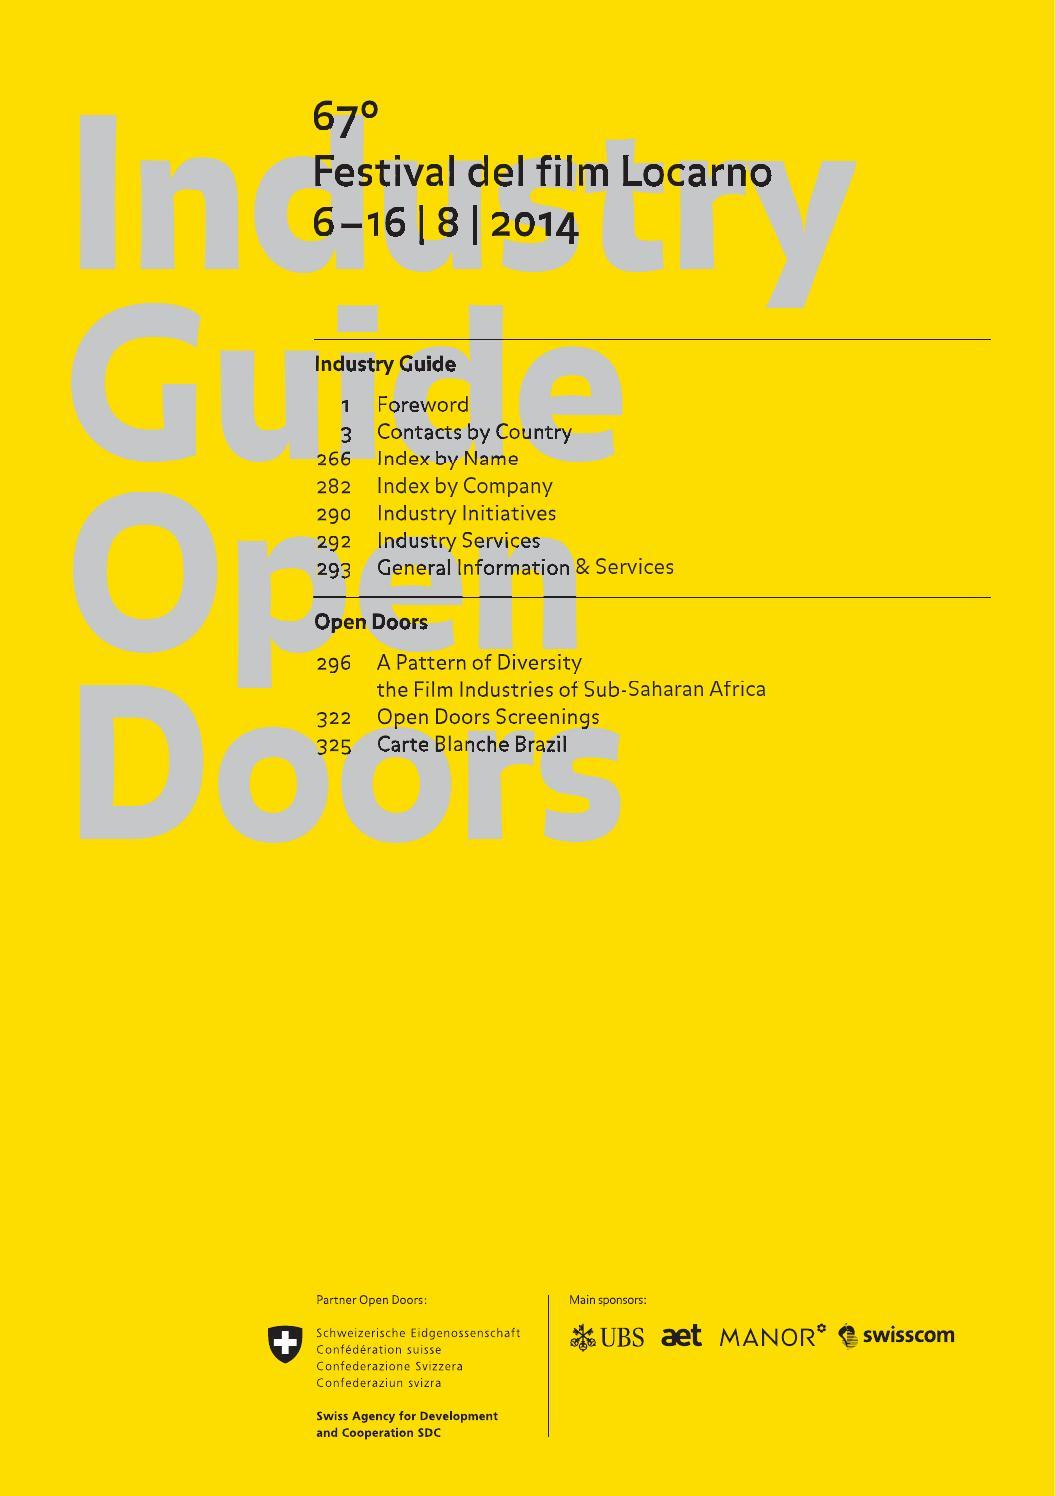 Industry Guide 67 Festival Del Film Locarno By Festival Del